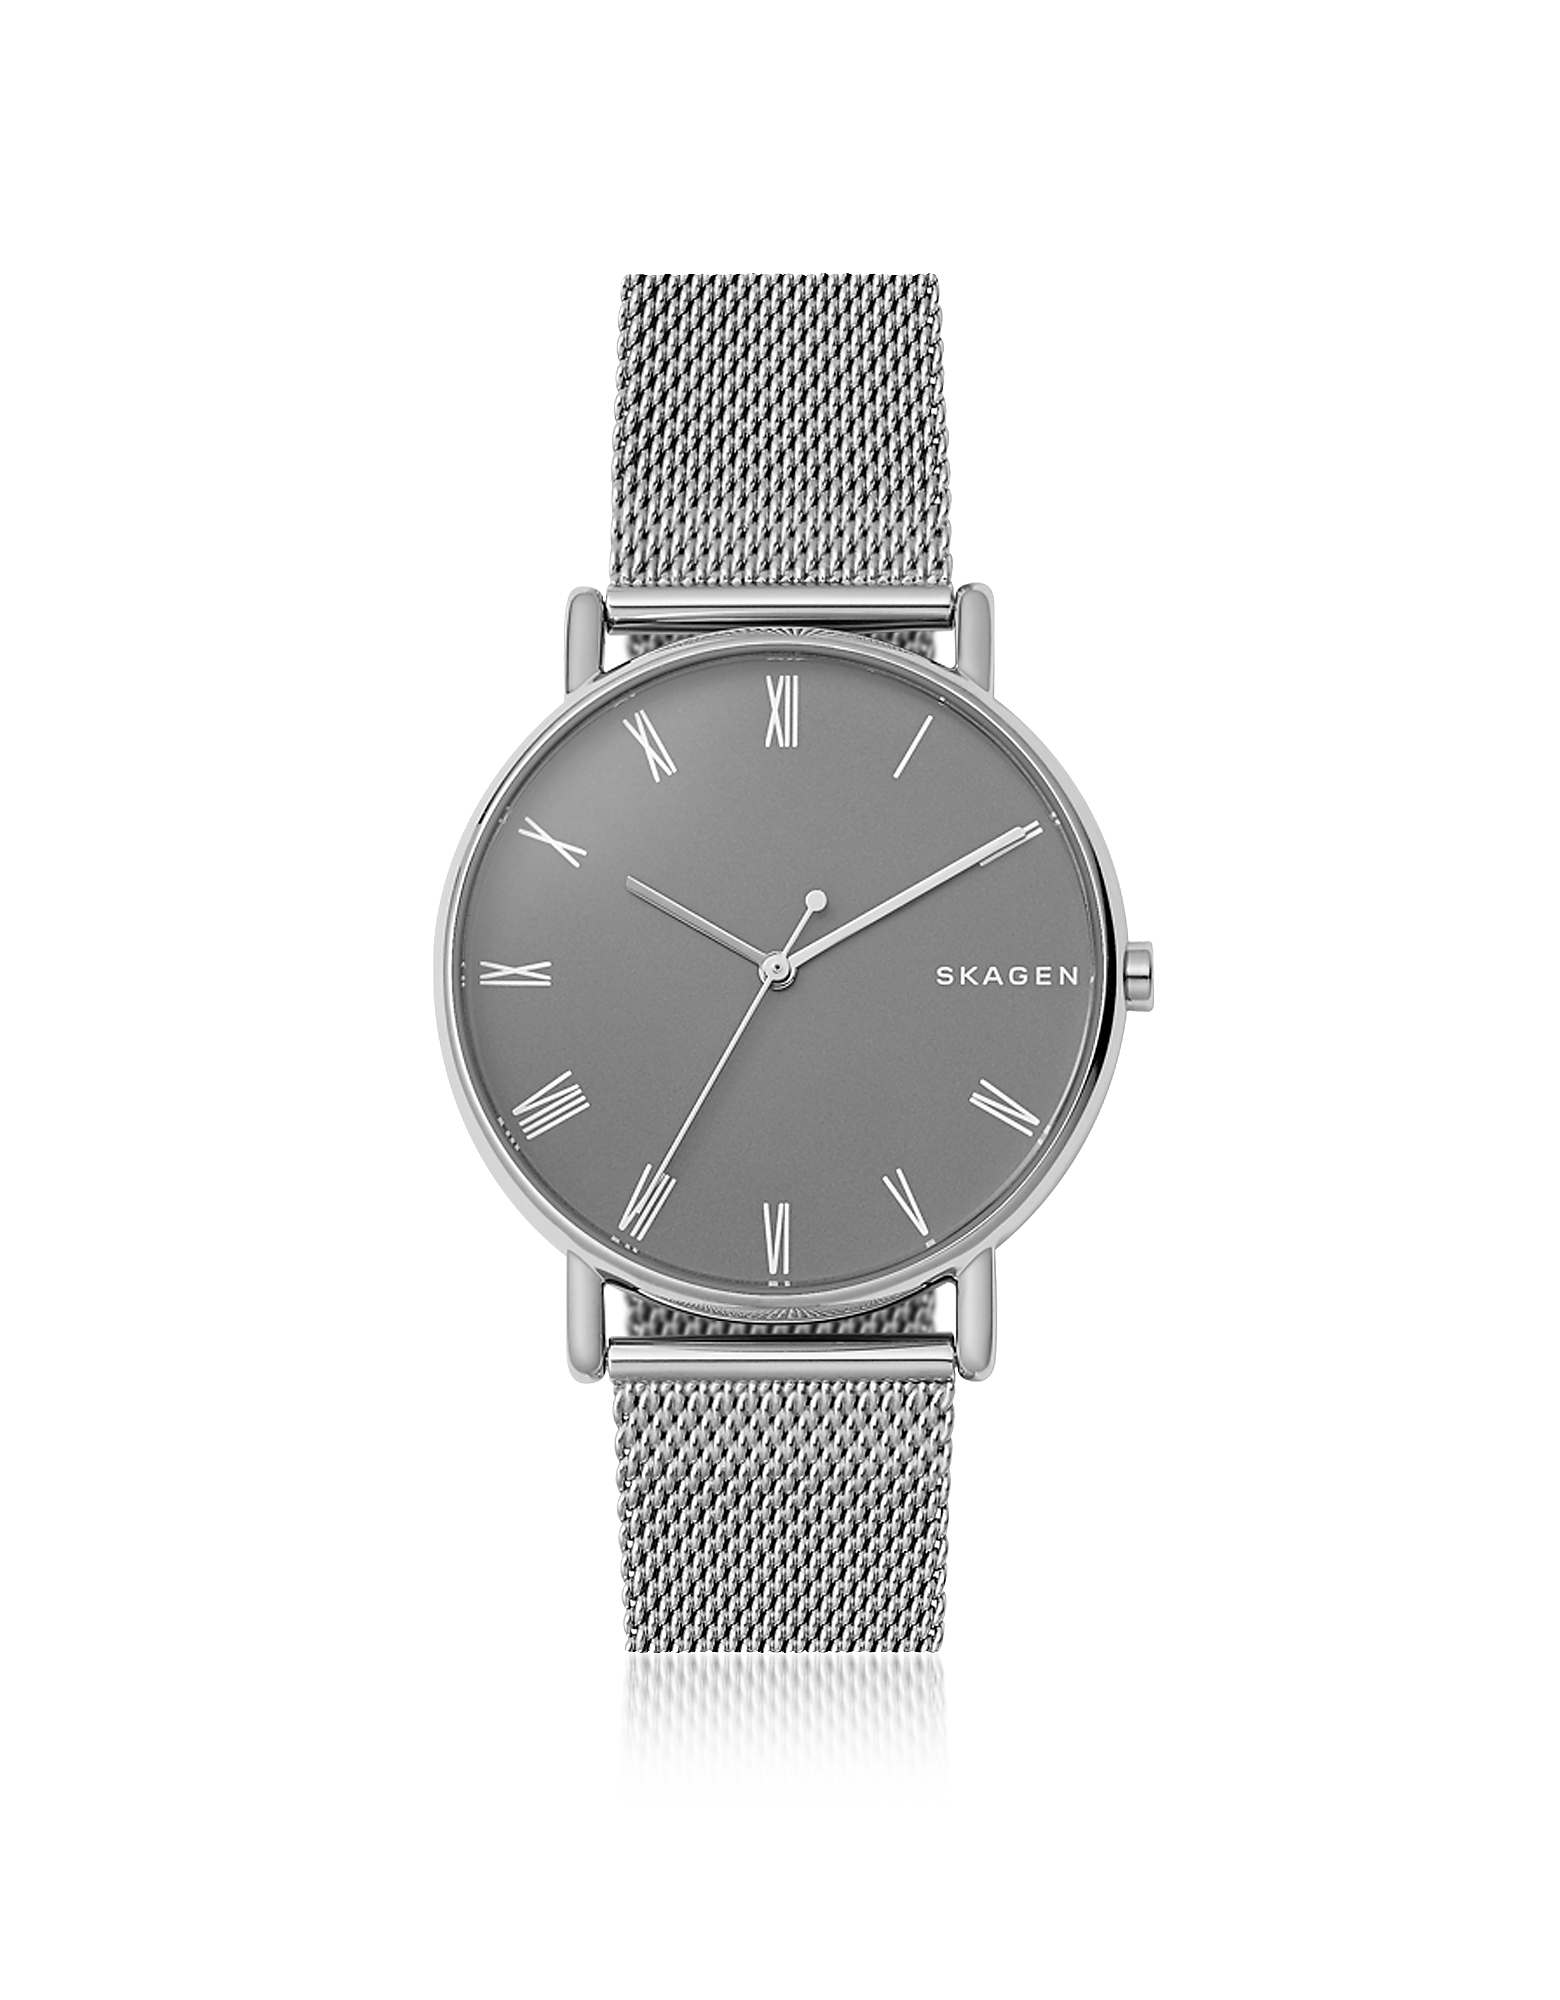 Мужские Часы SKW6428 Signatur